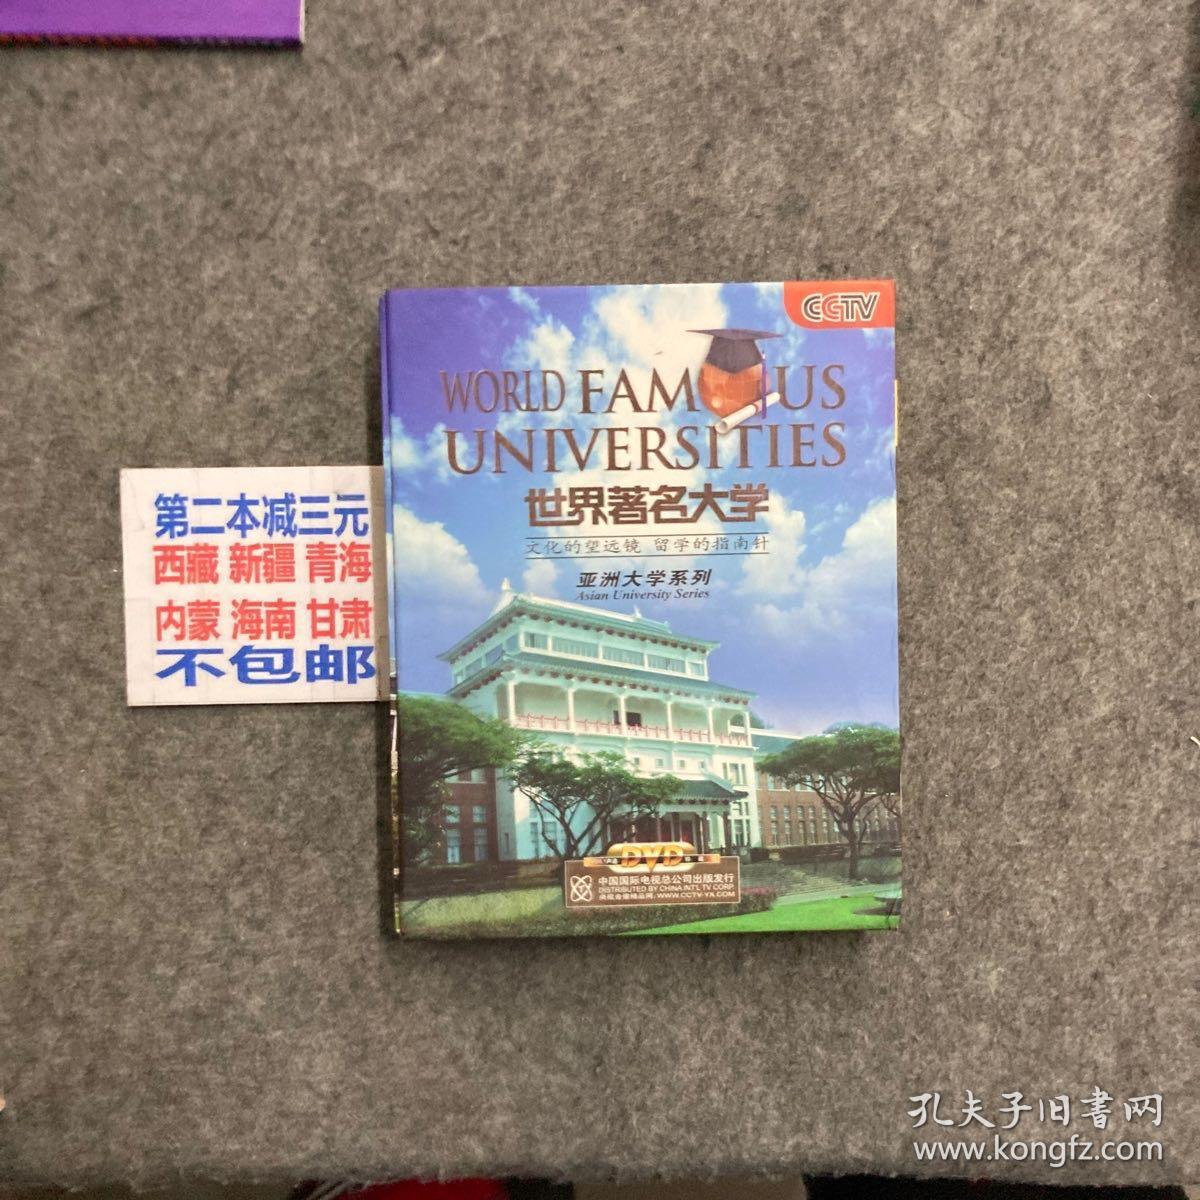 世界著名大学   亚洲大学系列     dvd